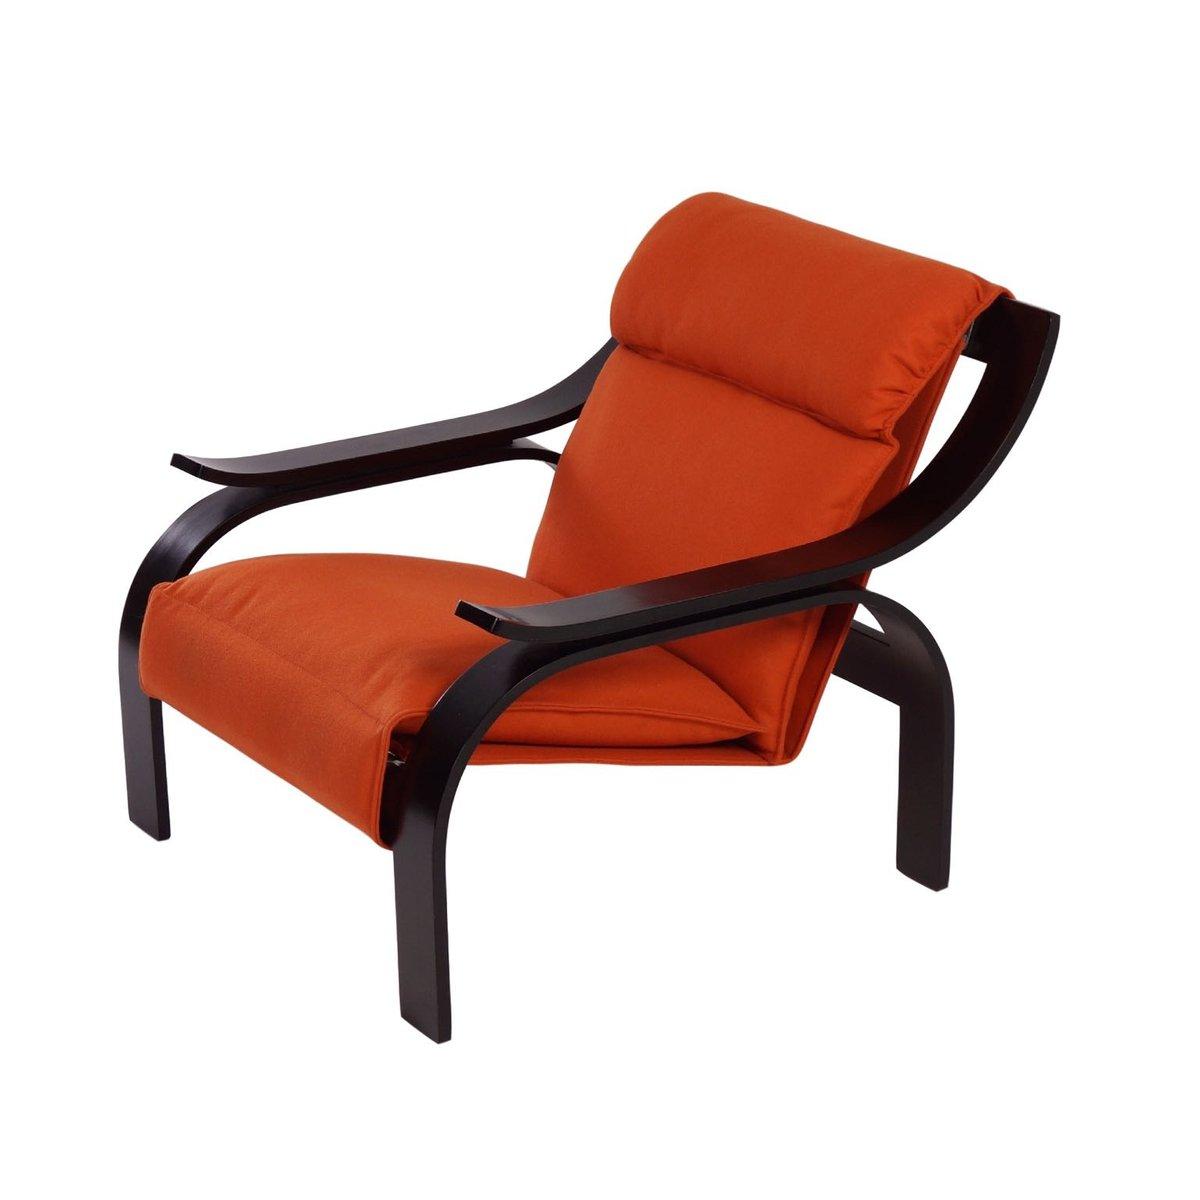 Woodline Armchair By Marco Zanuso For Arflex, 1964